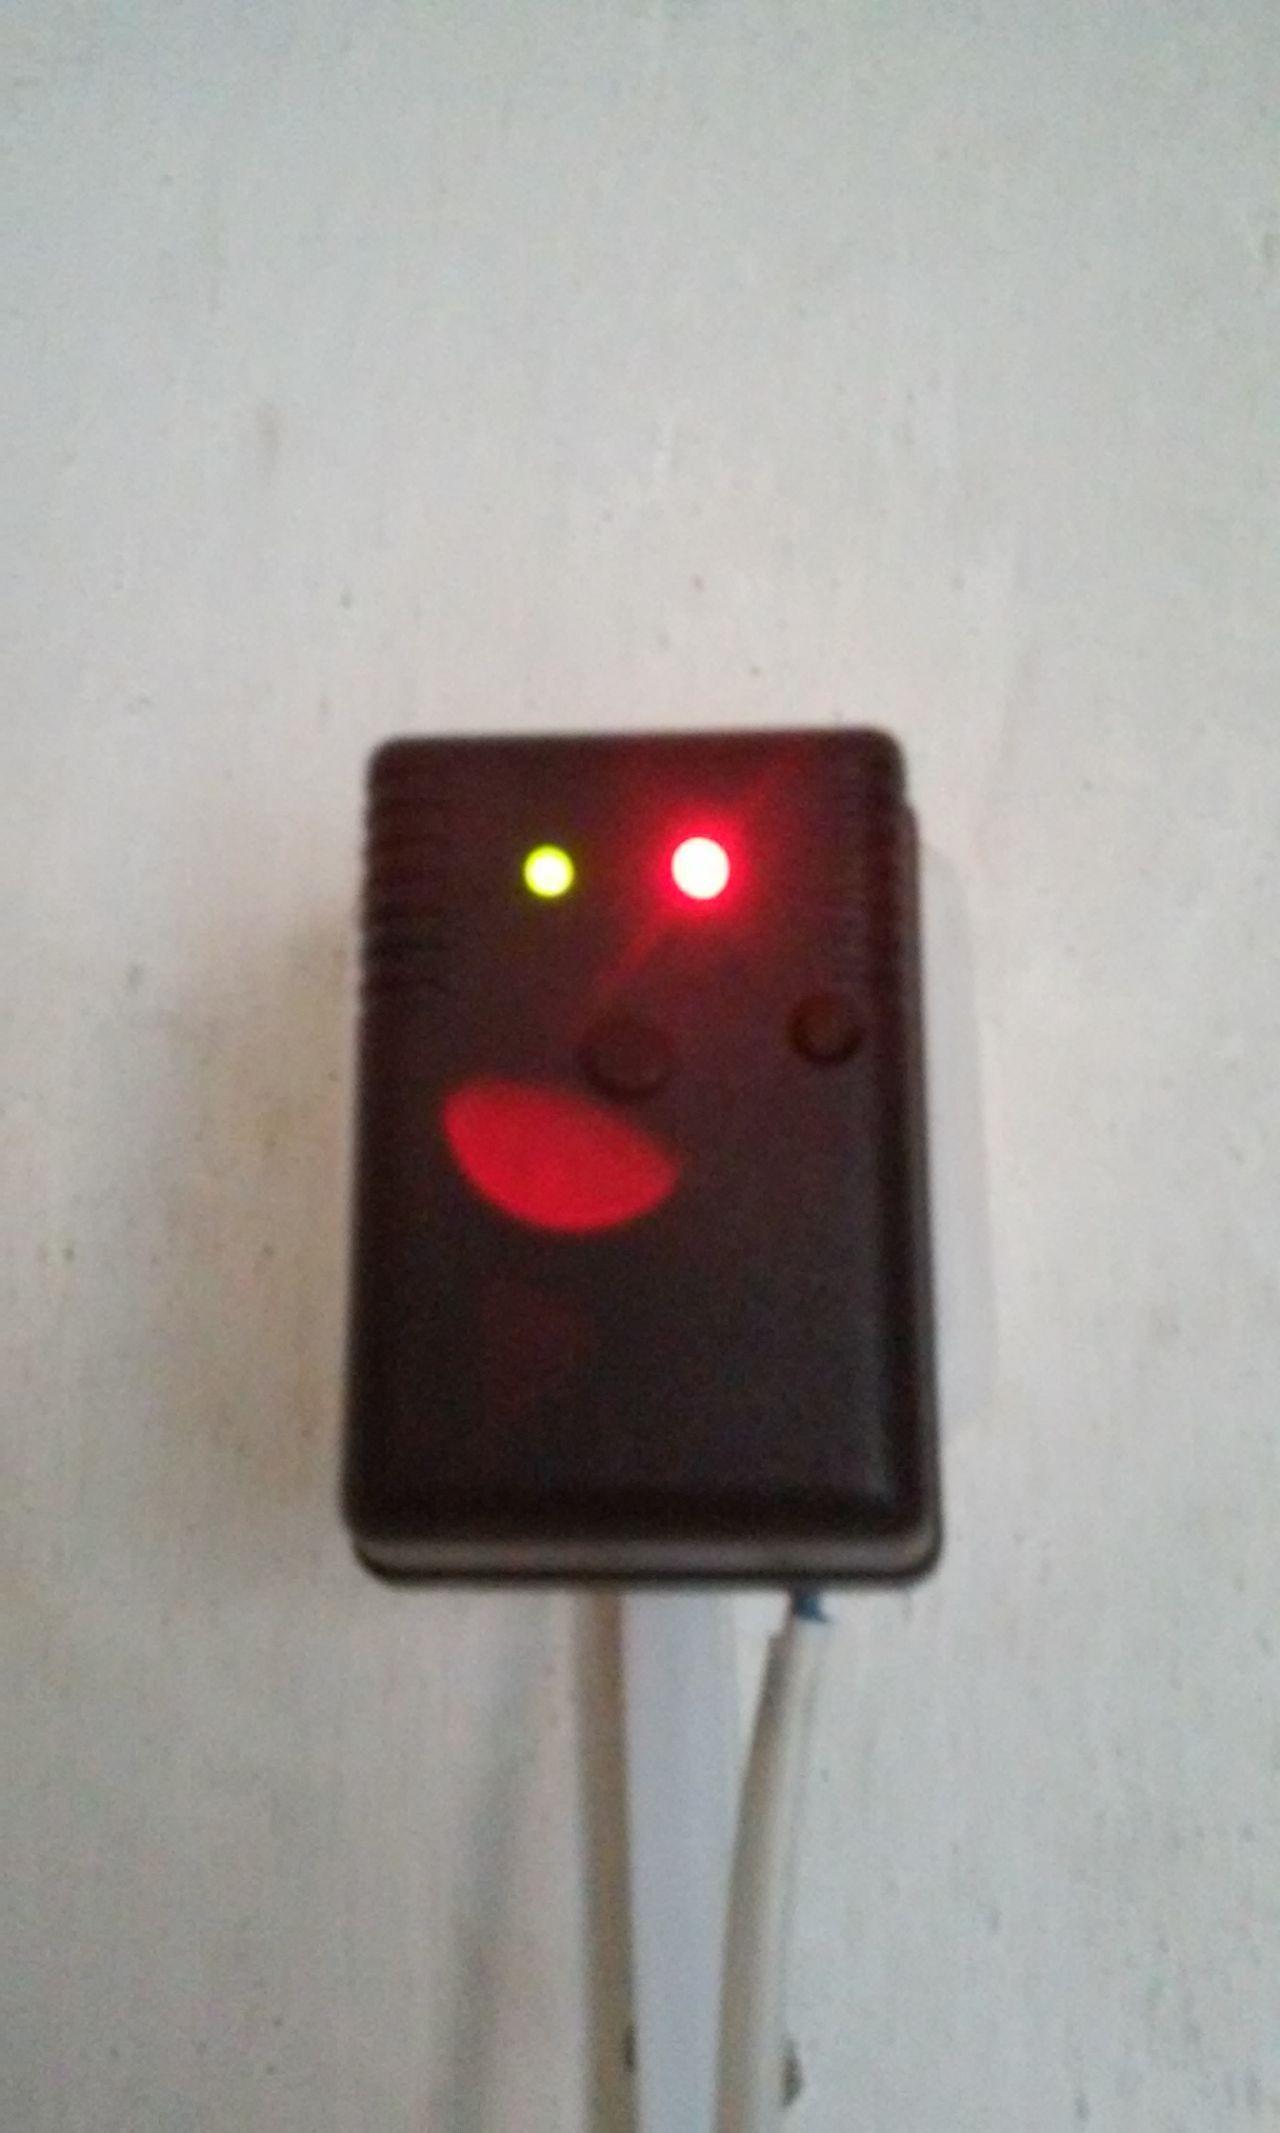 Зеленый мигает когда симка в сети (т.е. ловит сигнал GSM)